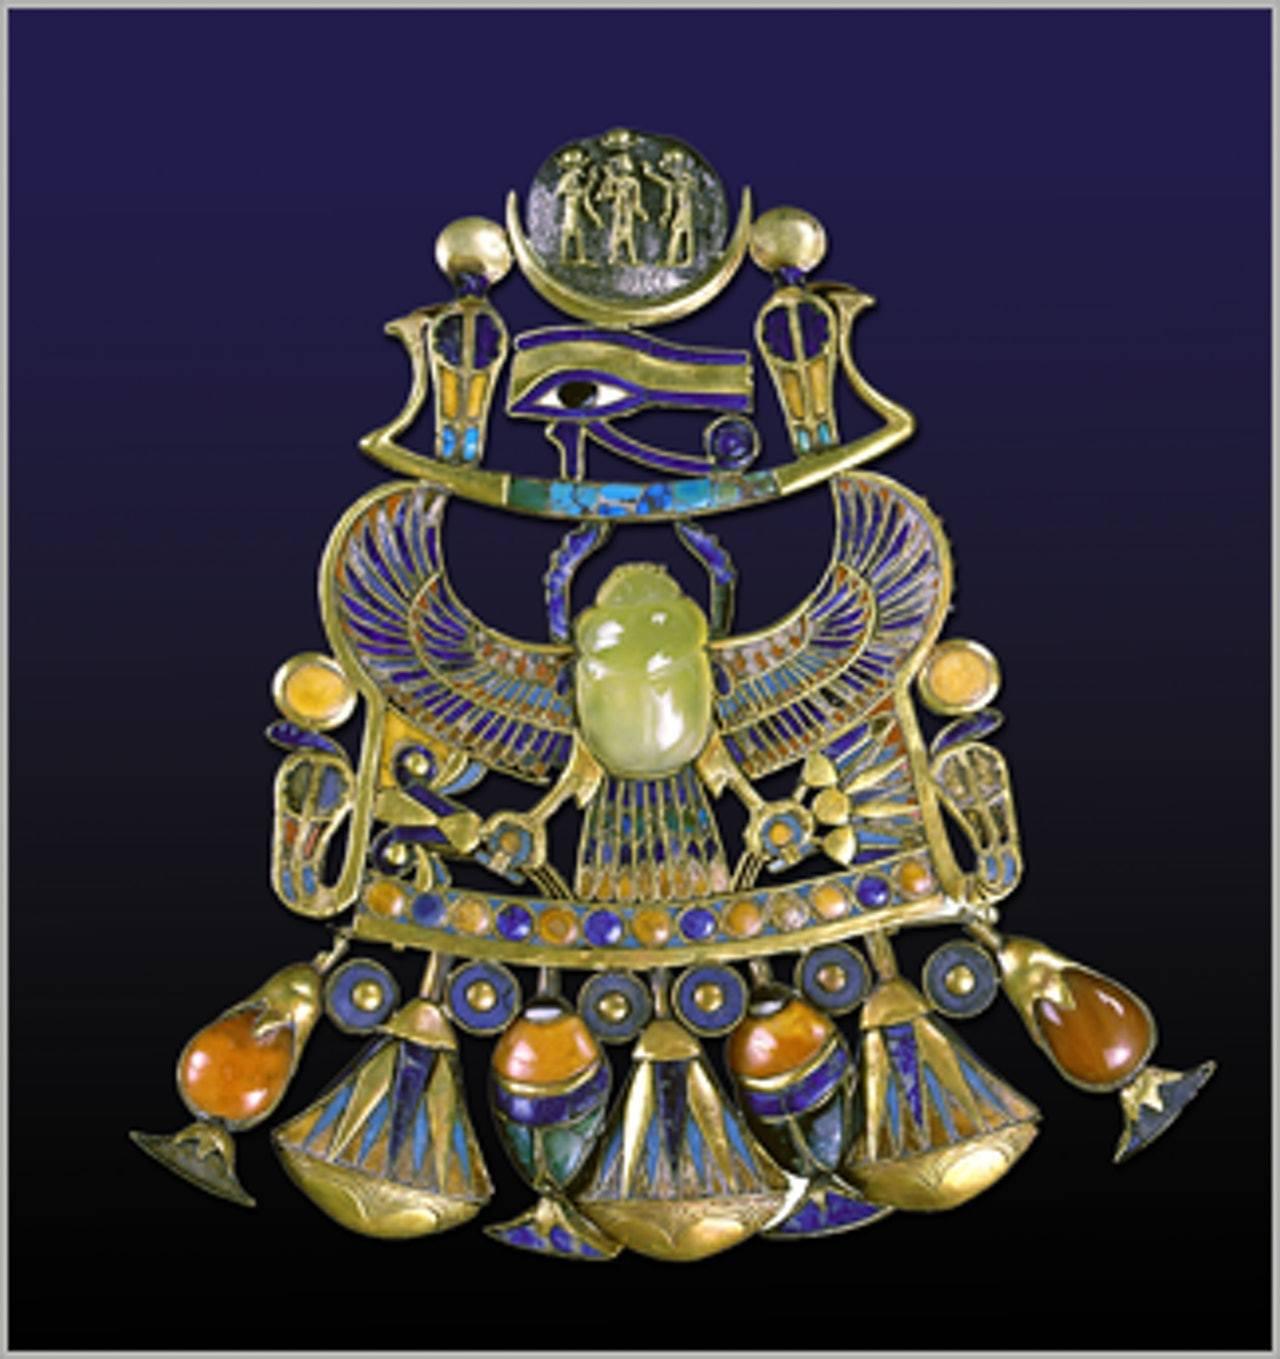 法老圖坦卡門(King Tutankhamun)胸前掛飾中央有一塊黃色聖甲蟲形狀...